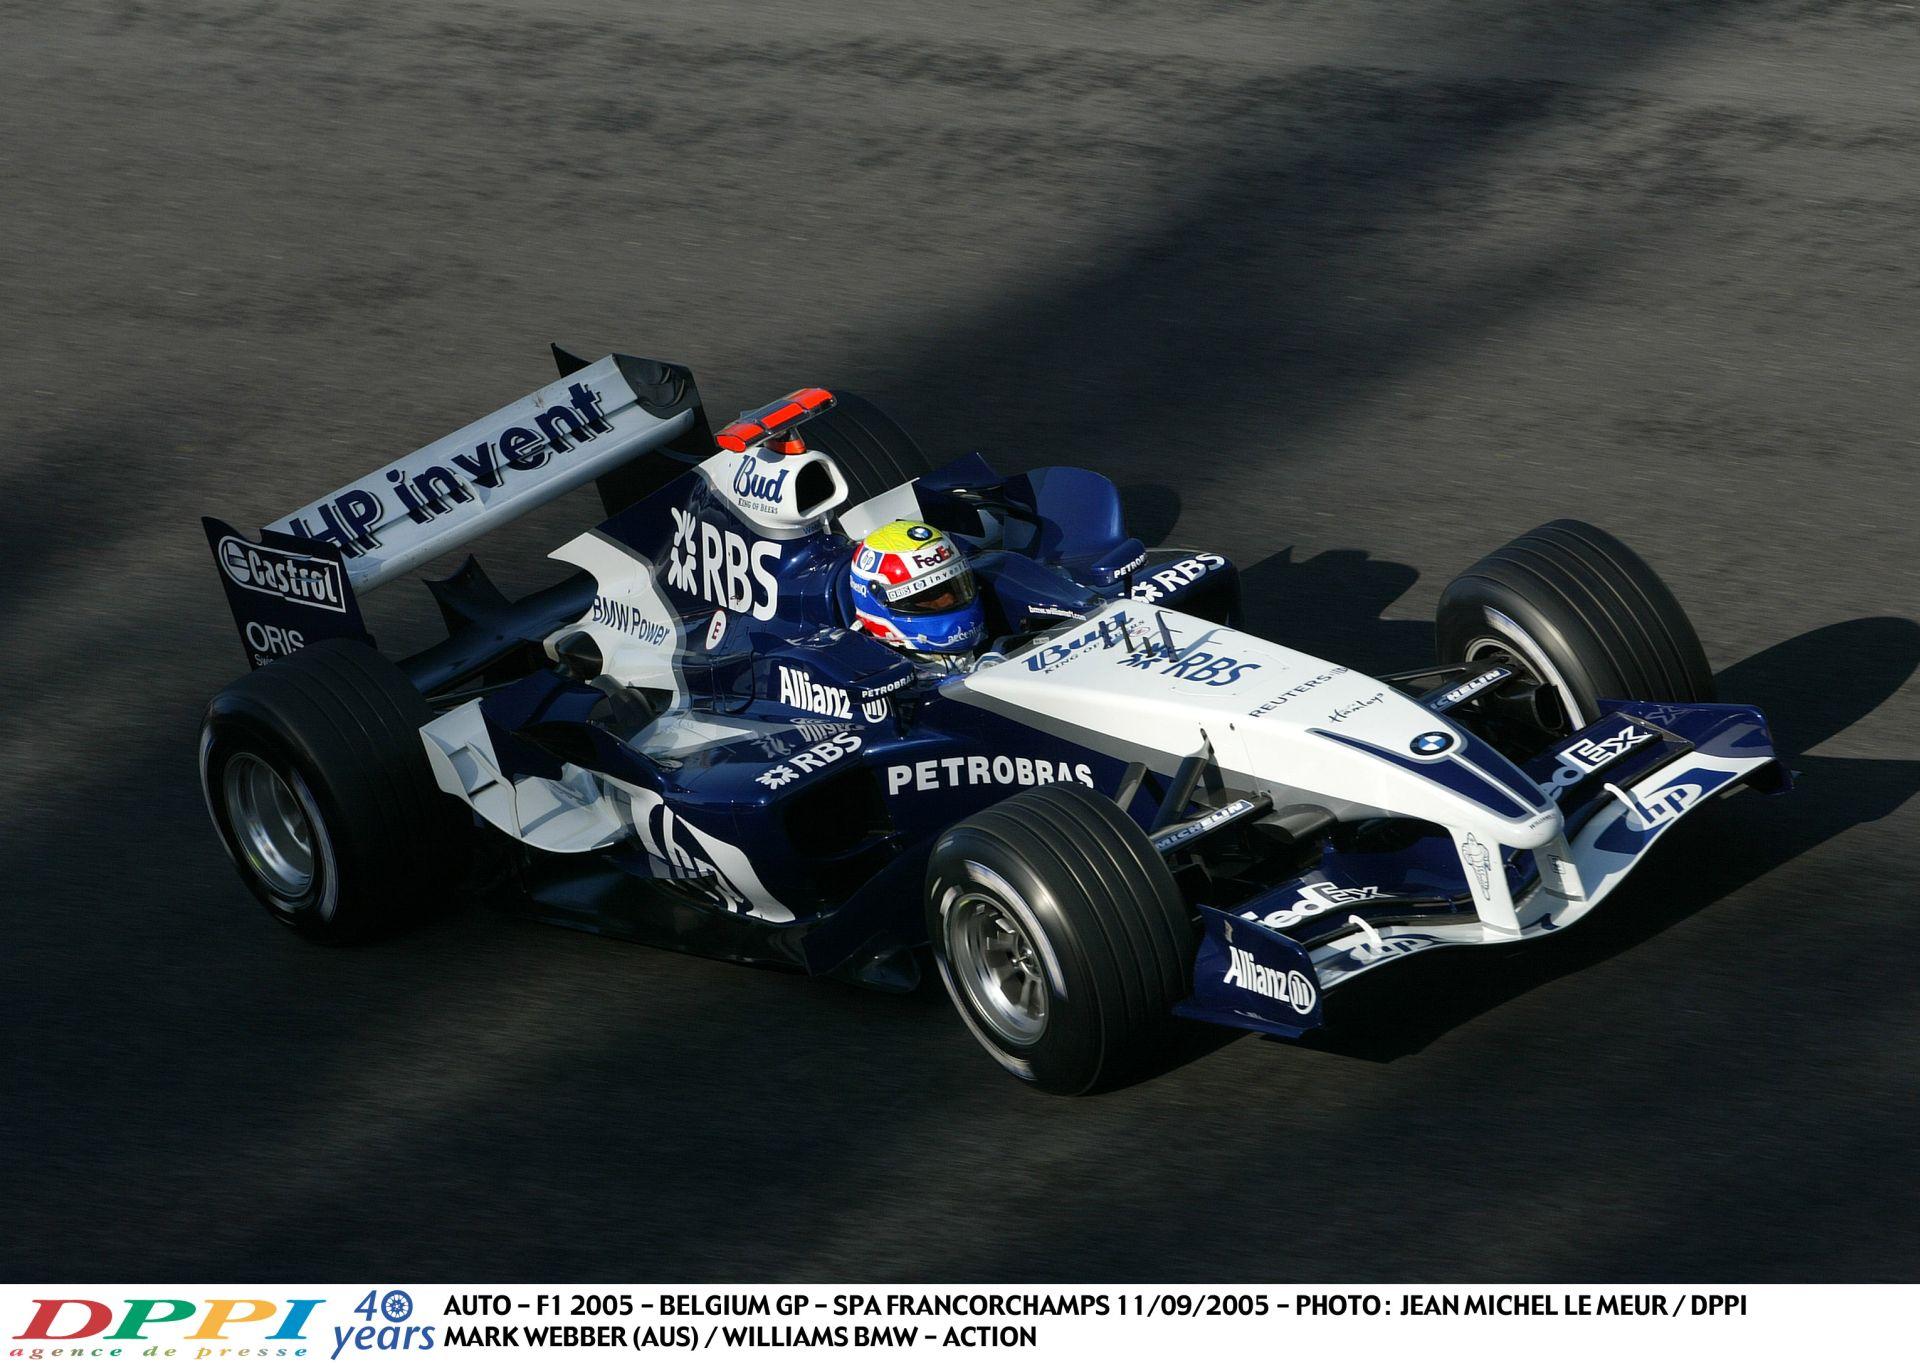 Webber és a brutálisan hangos V10-es Williams-BMW Spa-ban: Vissza, vissza, vissza!